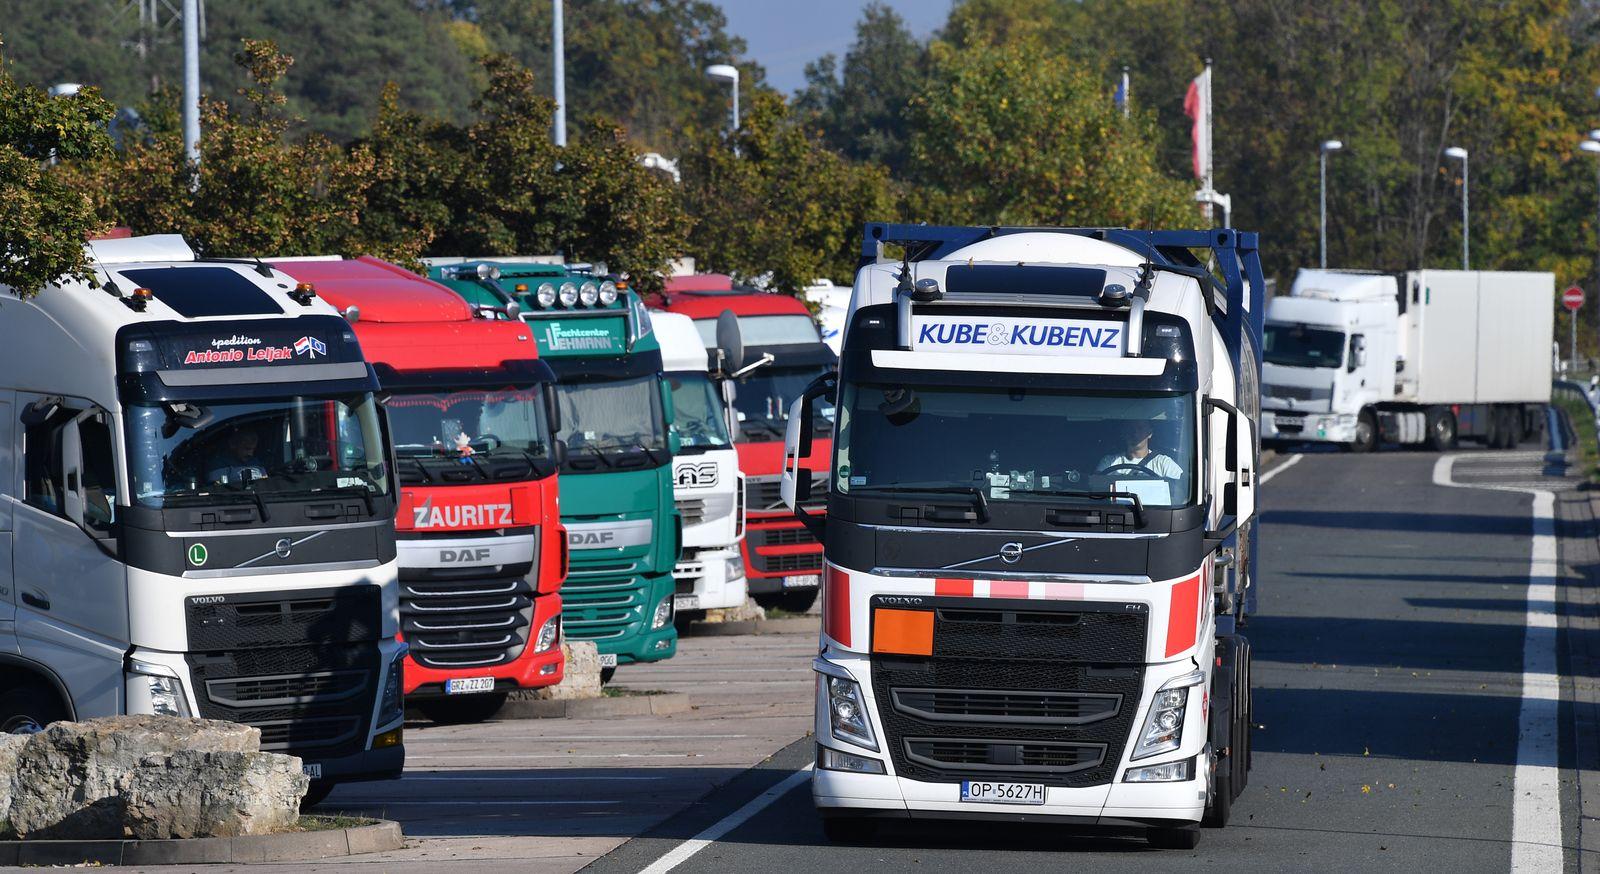 Autobahnparkplätze für LKW